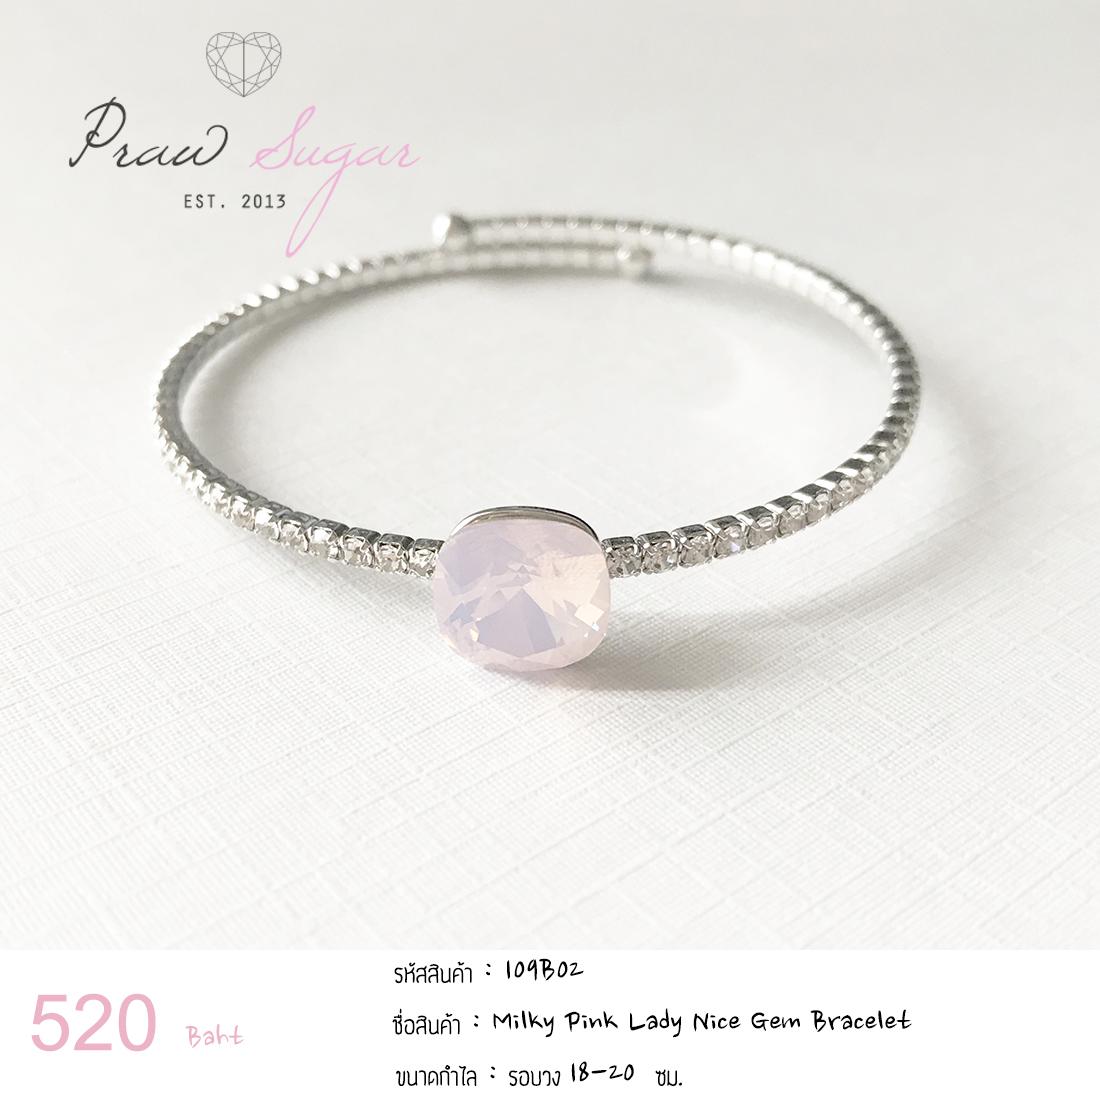 Milky Pink Lady Nice Gem Bracelet